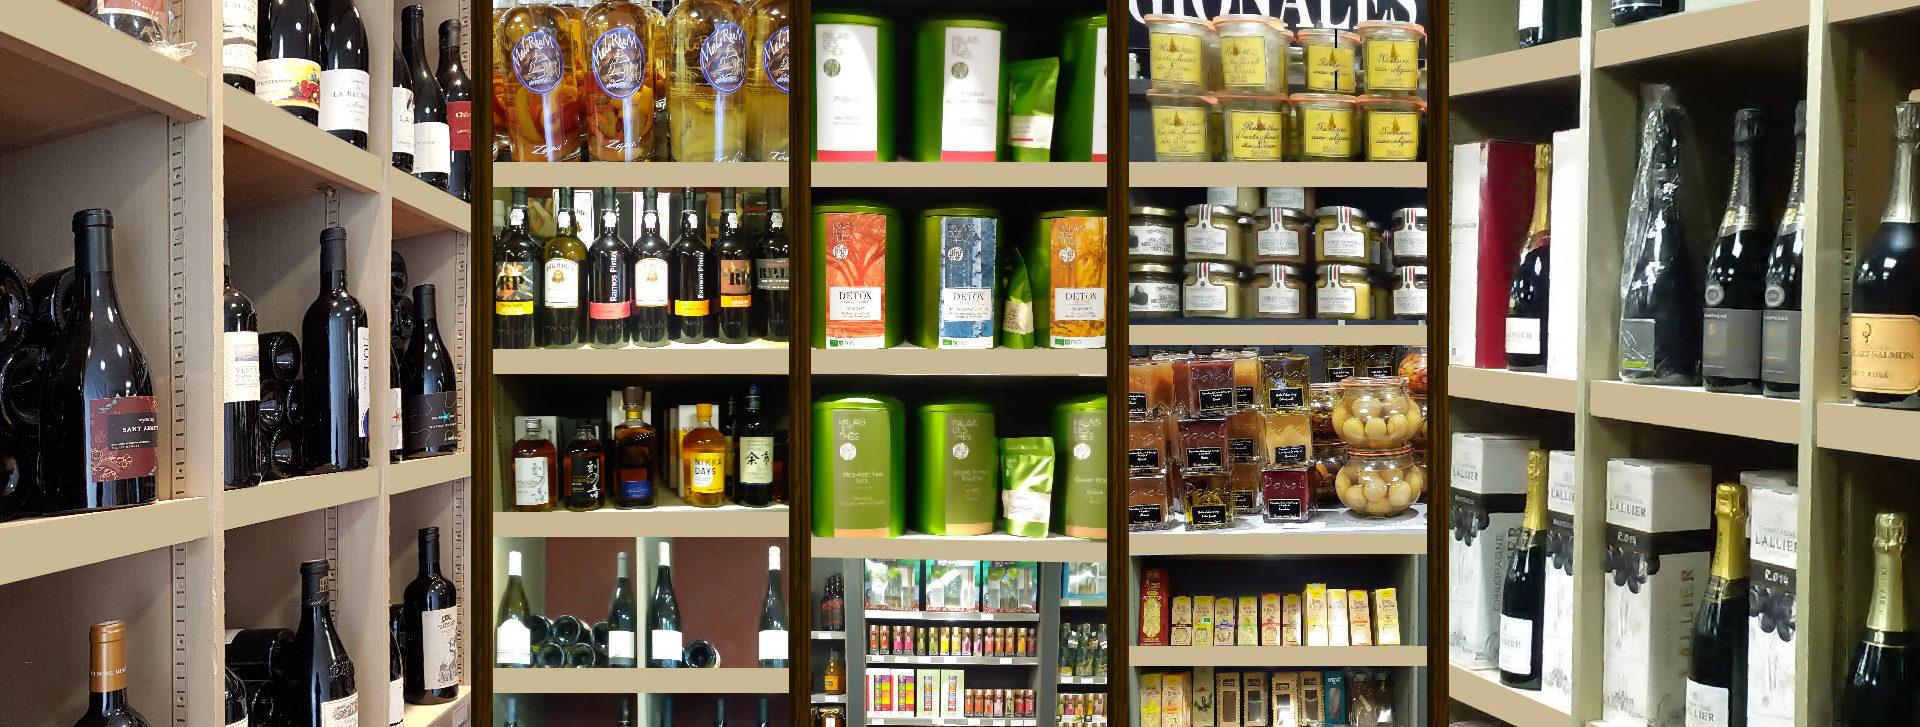 Vini'Gusto - Votre cave et épicerie fine à Lorient dans le Morbihan